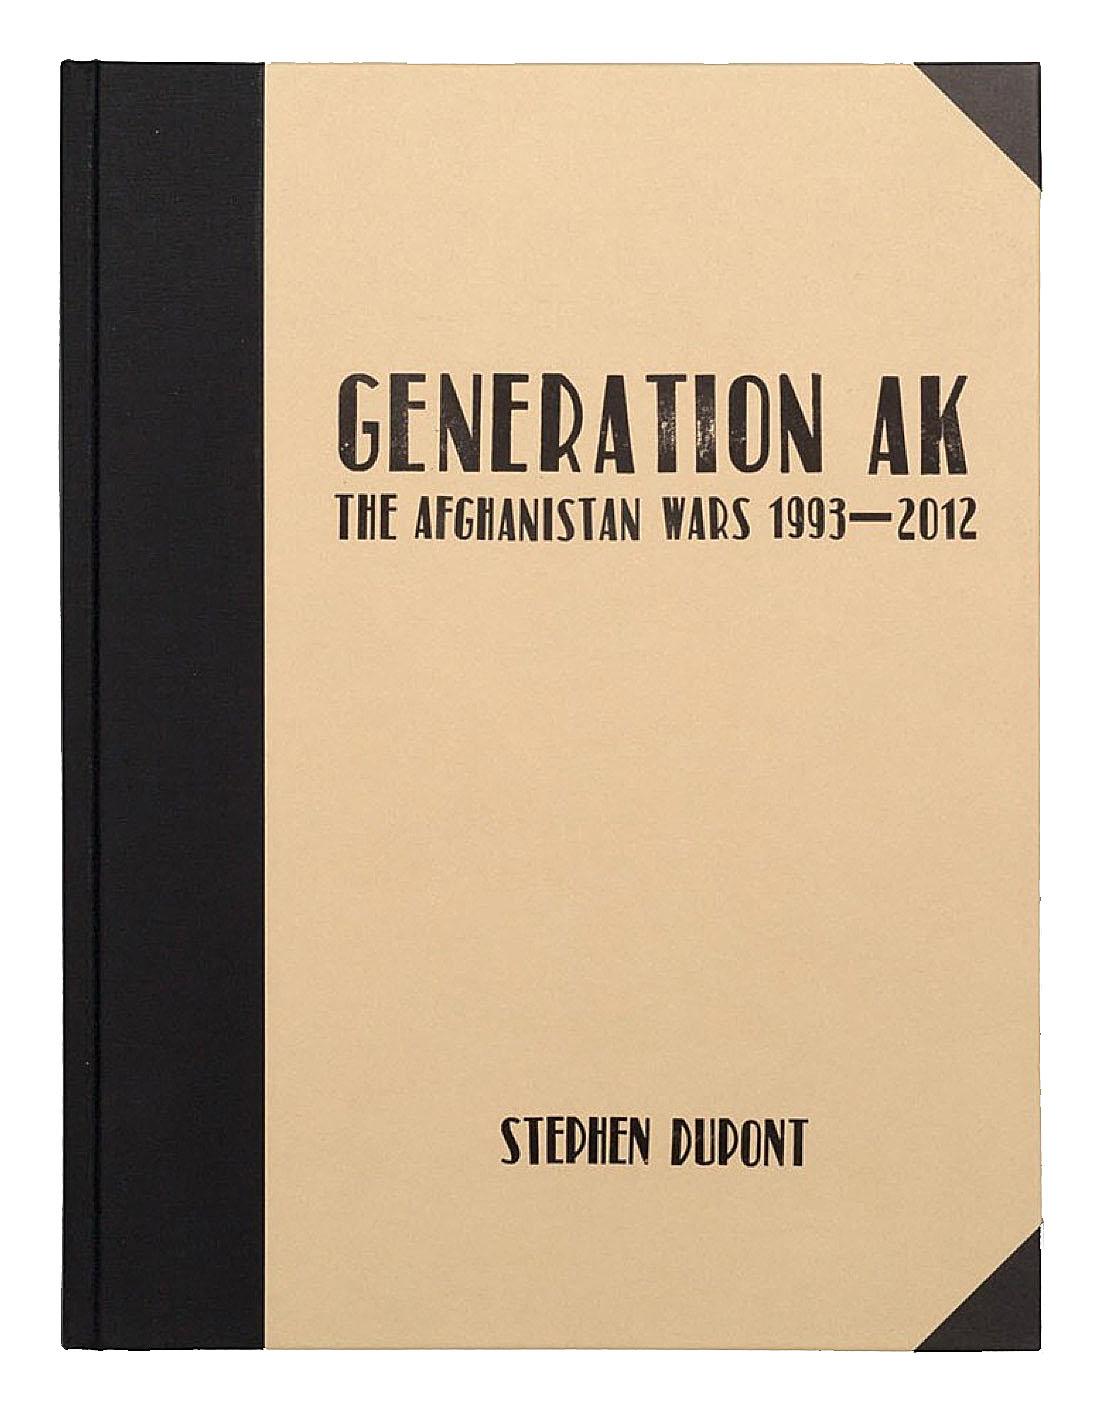 Gen AK Cover